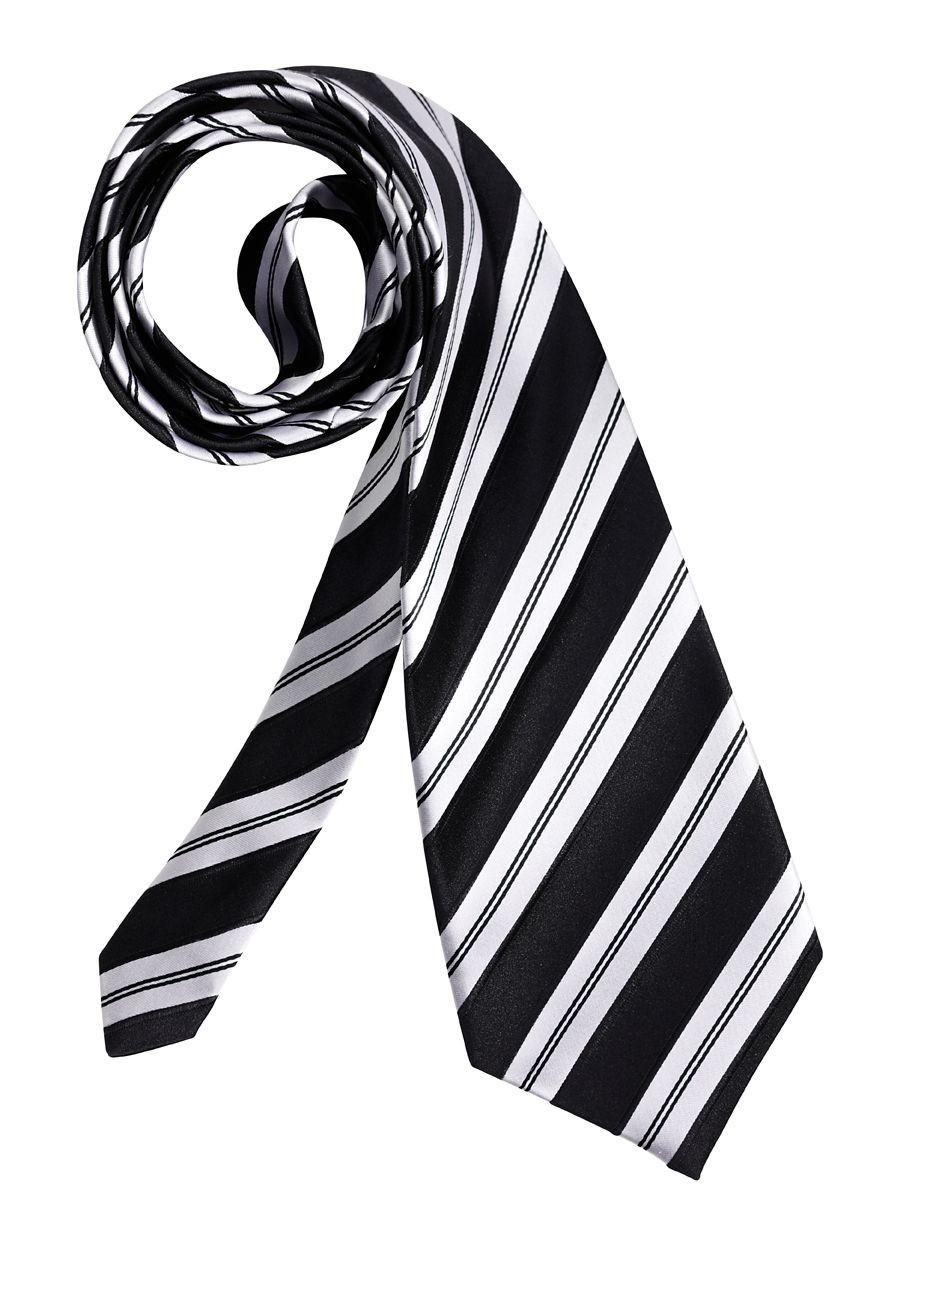 gro�e auswahl an hochwertiger teamkleidung krawatte streifen  zoom krawatte streifen* 011 038 130130250 *